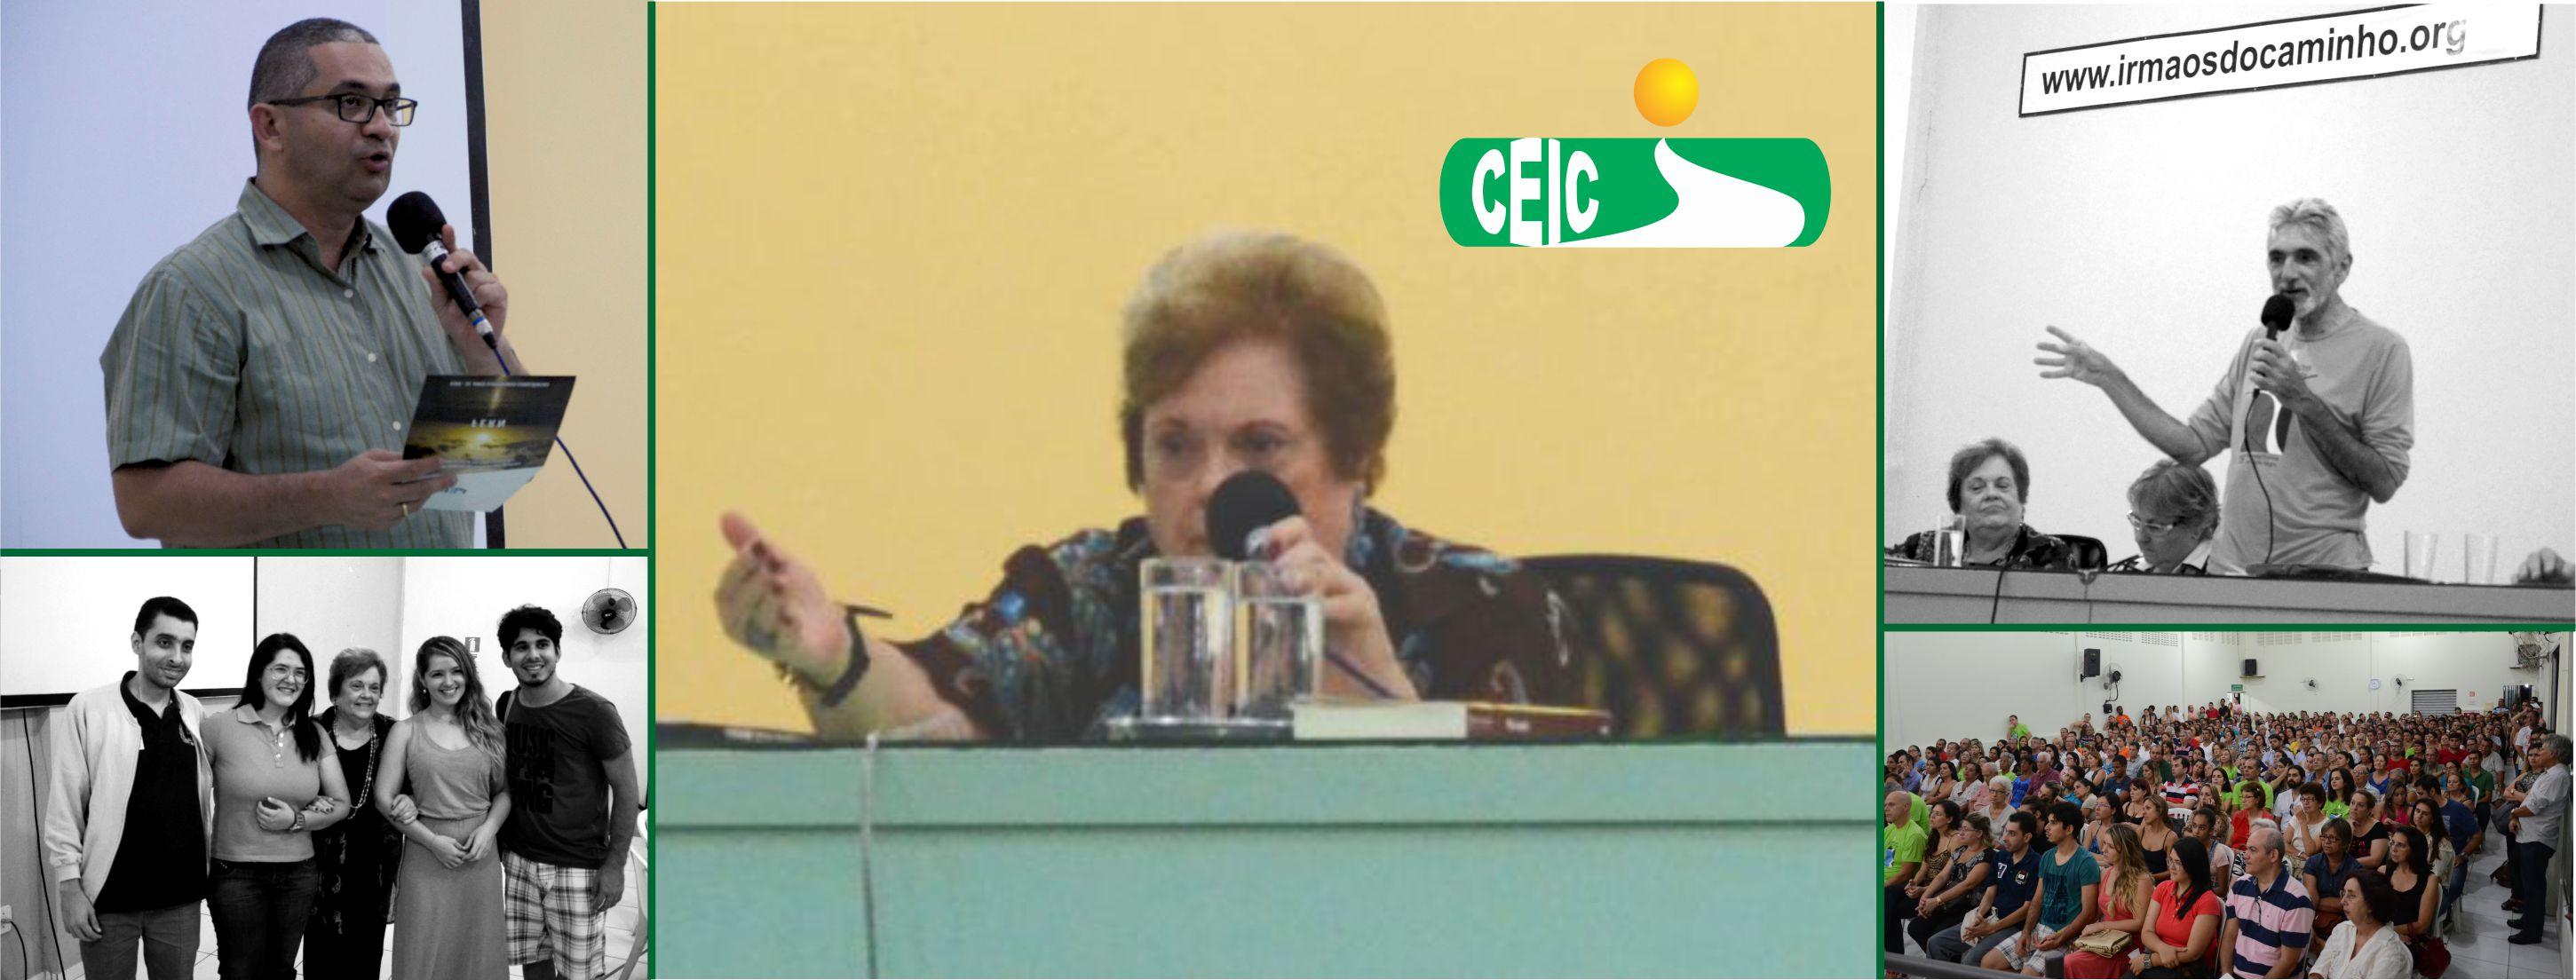 Suely Caldas palestra no CEIC